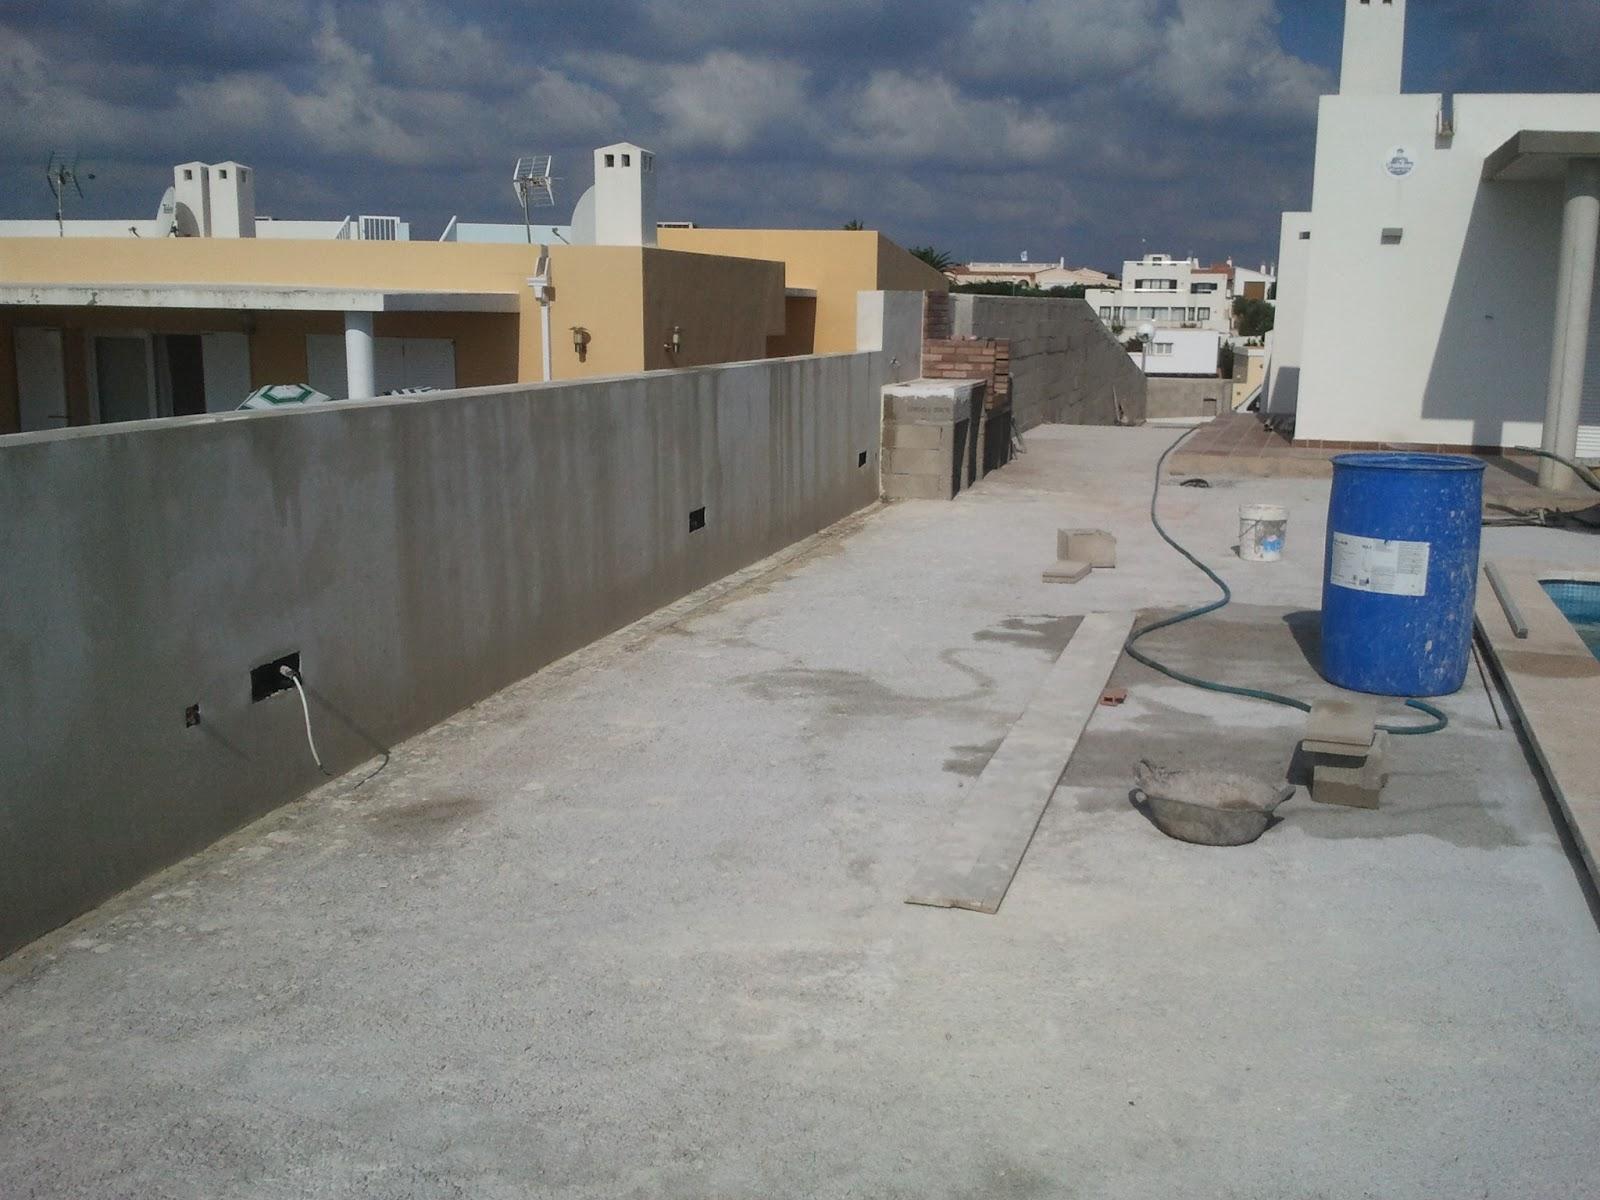 Reformas julio camarena reforma terraza - Cemento pulido para suelos ...